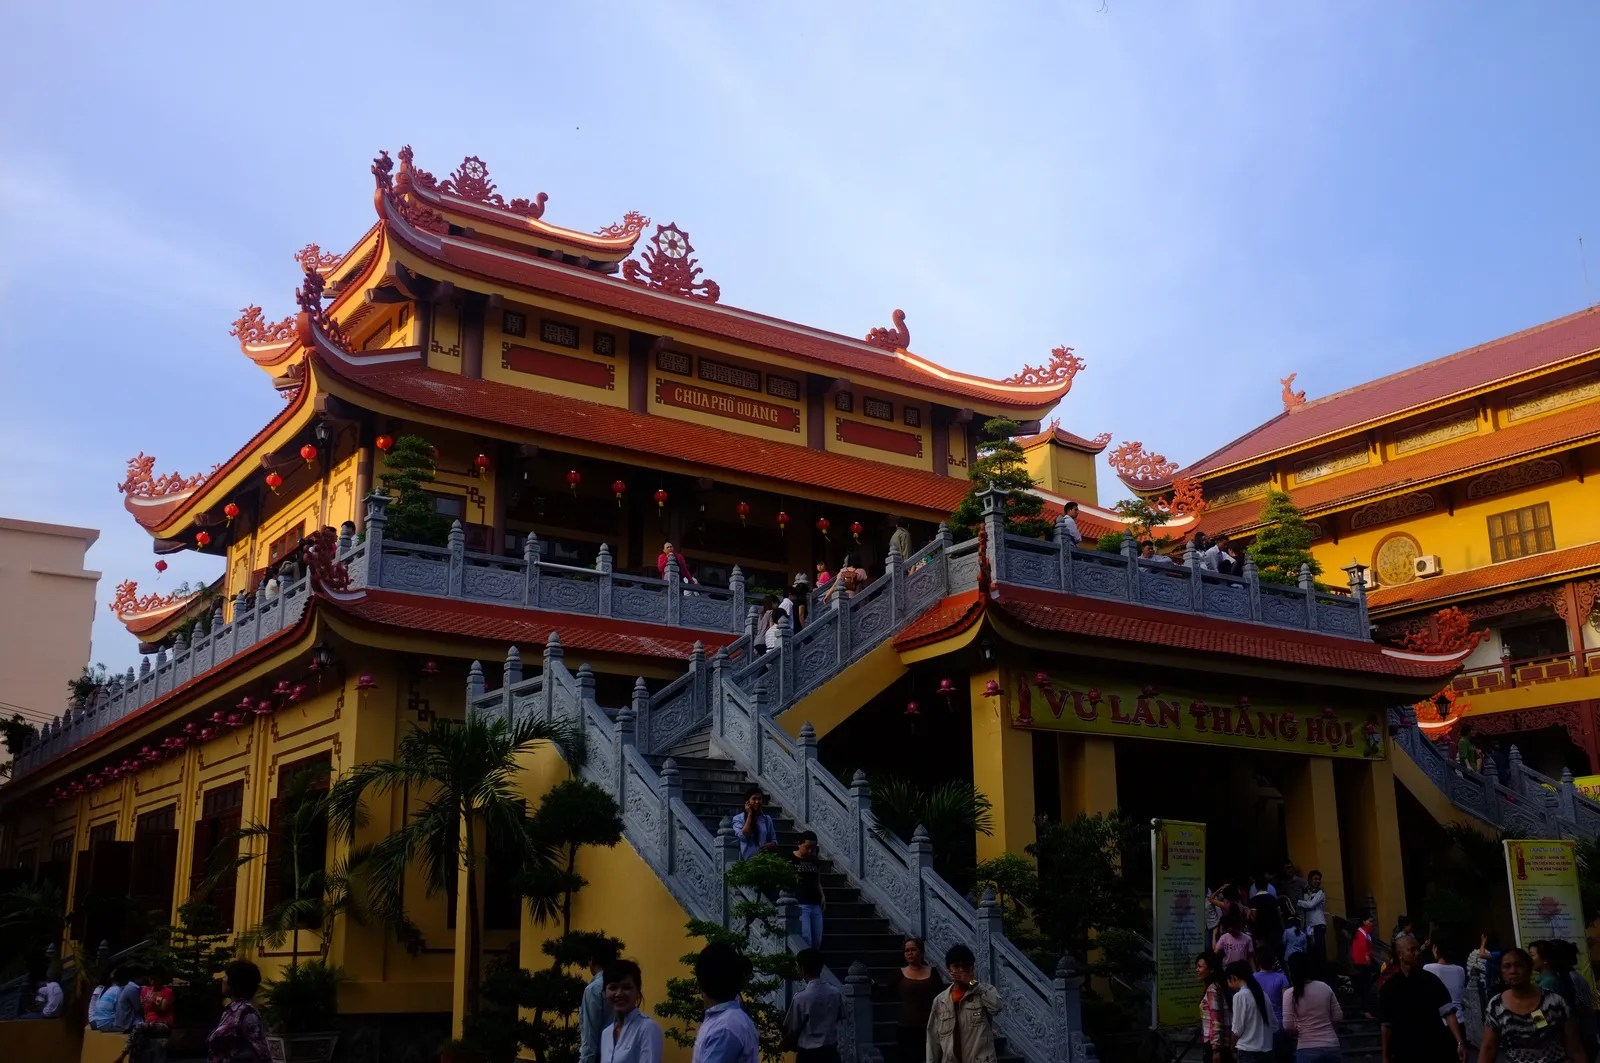 photo Ph_Quang_T_Tacircn_Bigravenh_zpsay4e926k.jpg